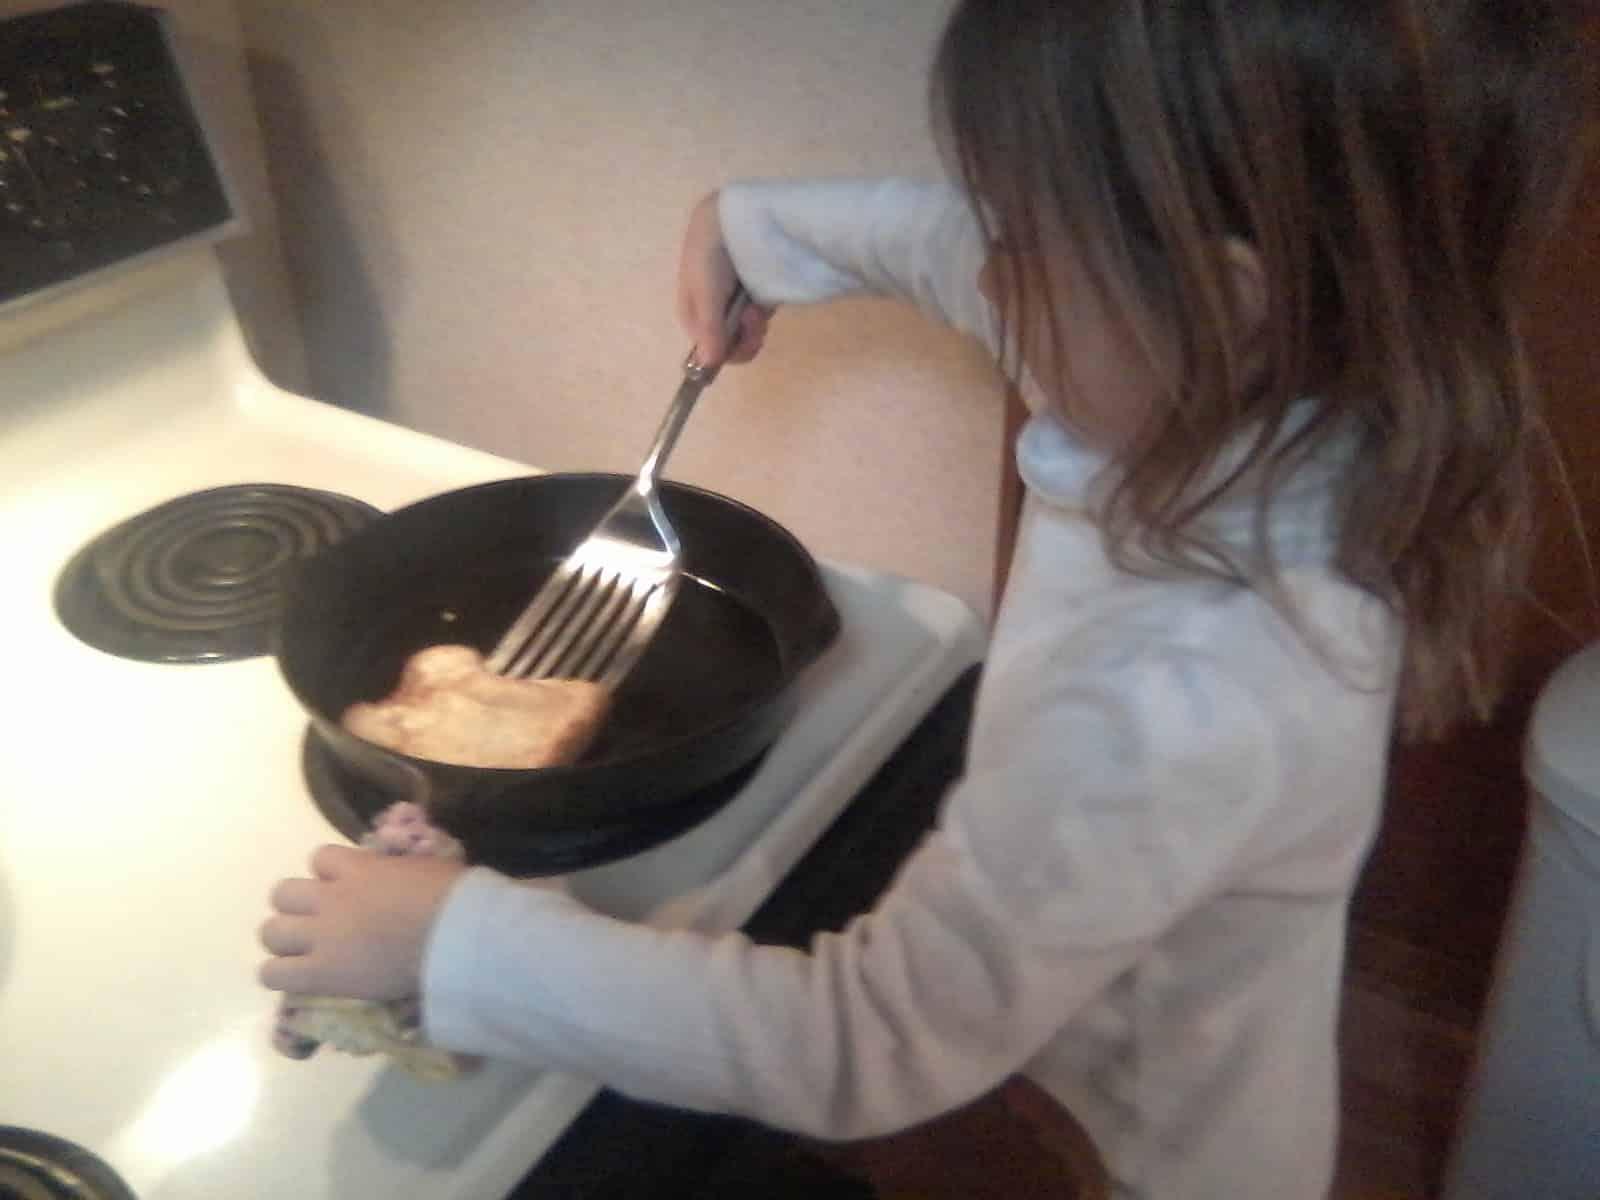 daughter helping cook pancakes